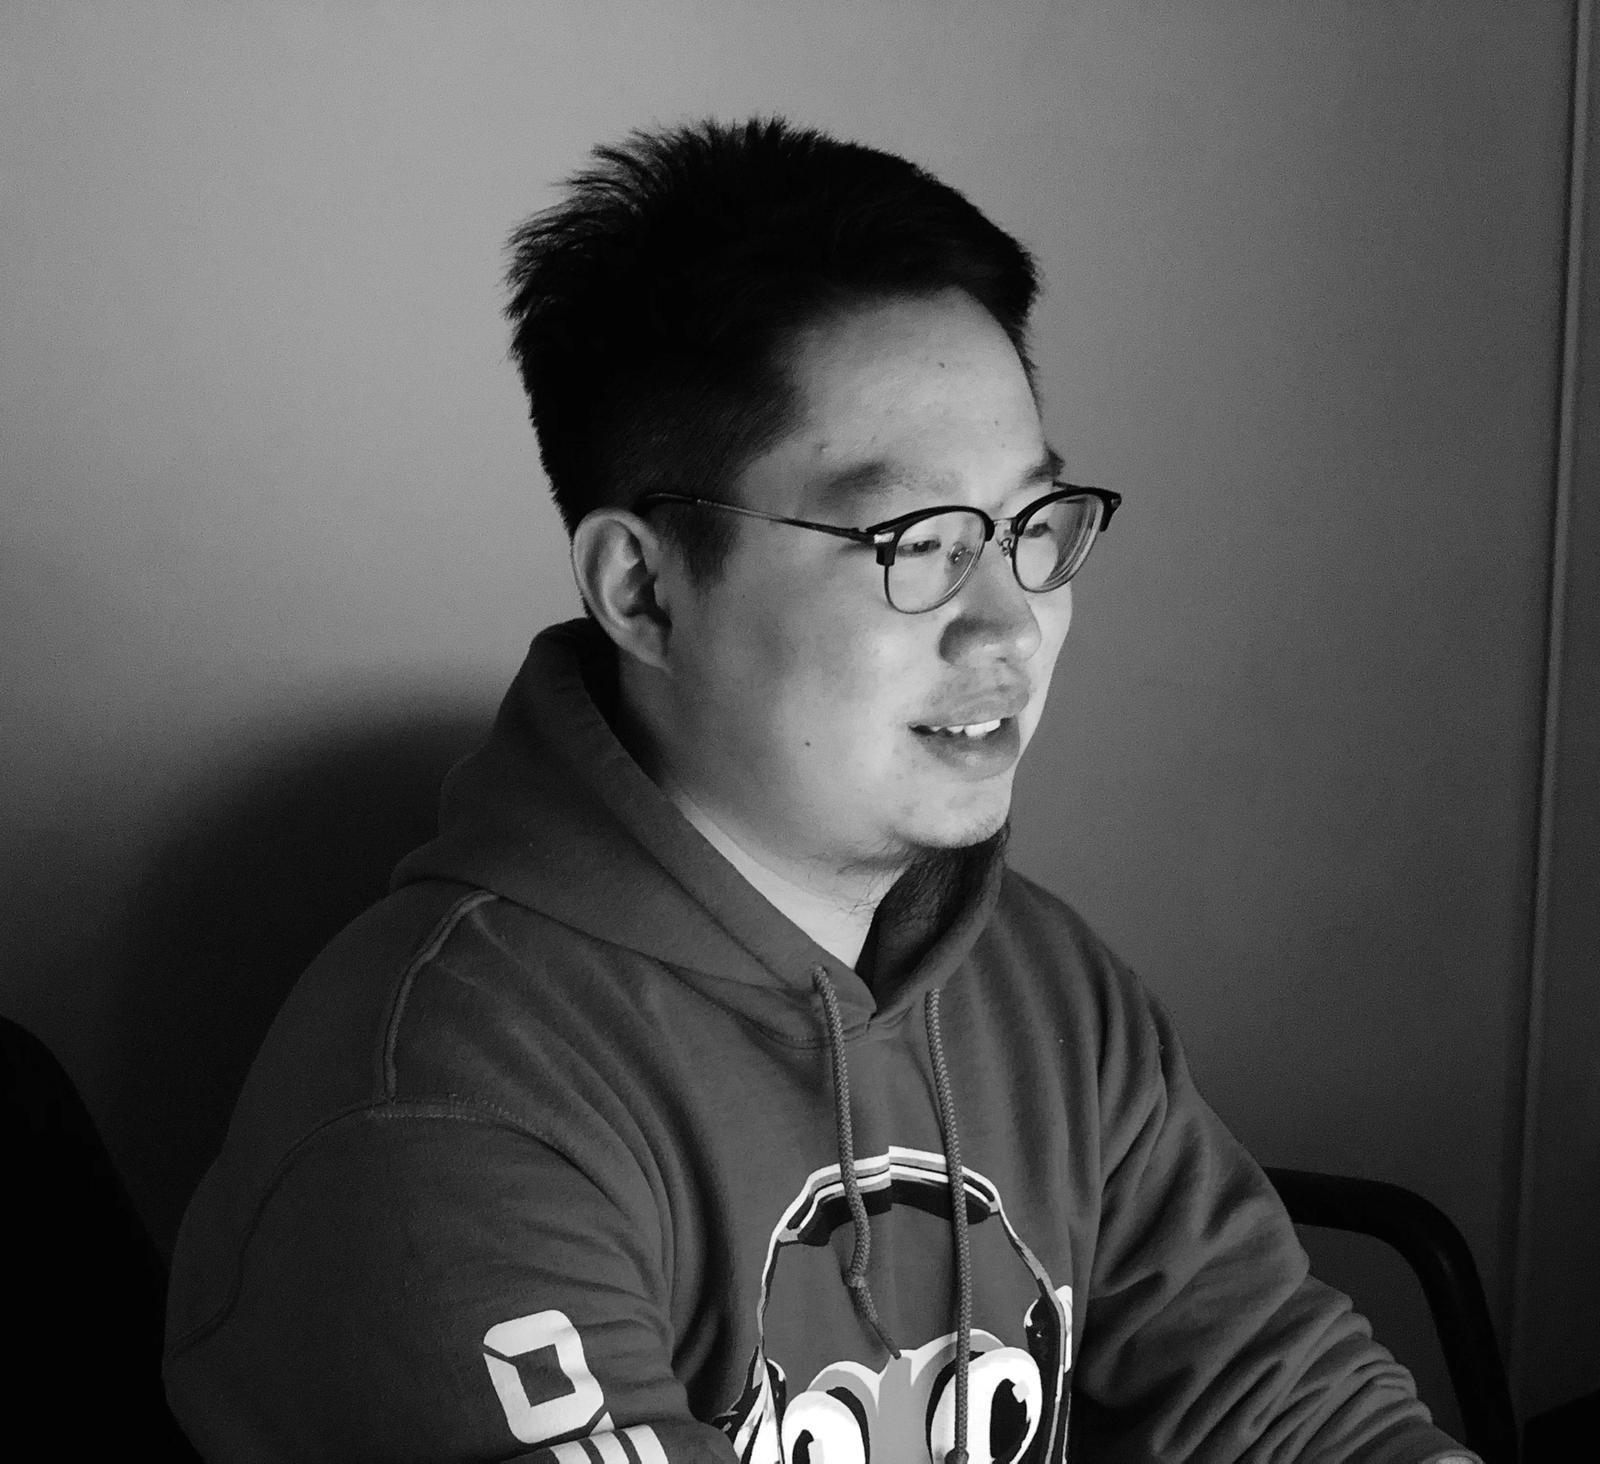 Ziwei Chen